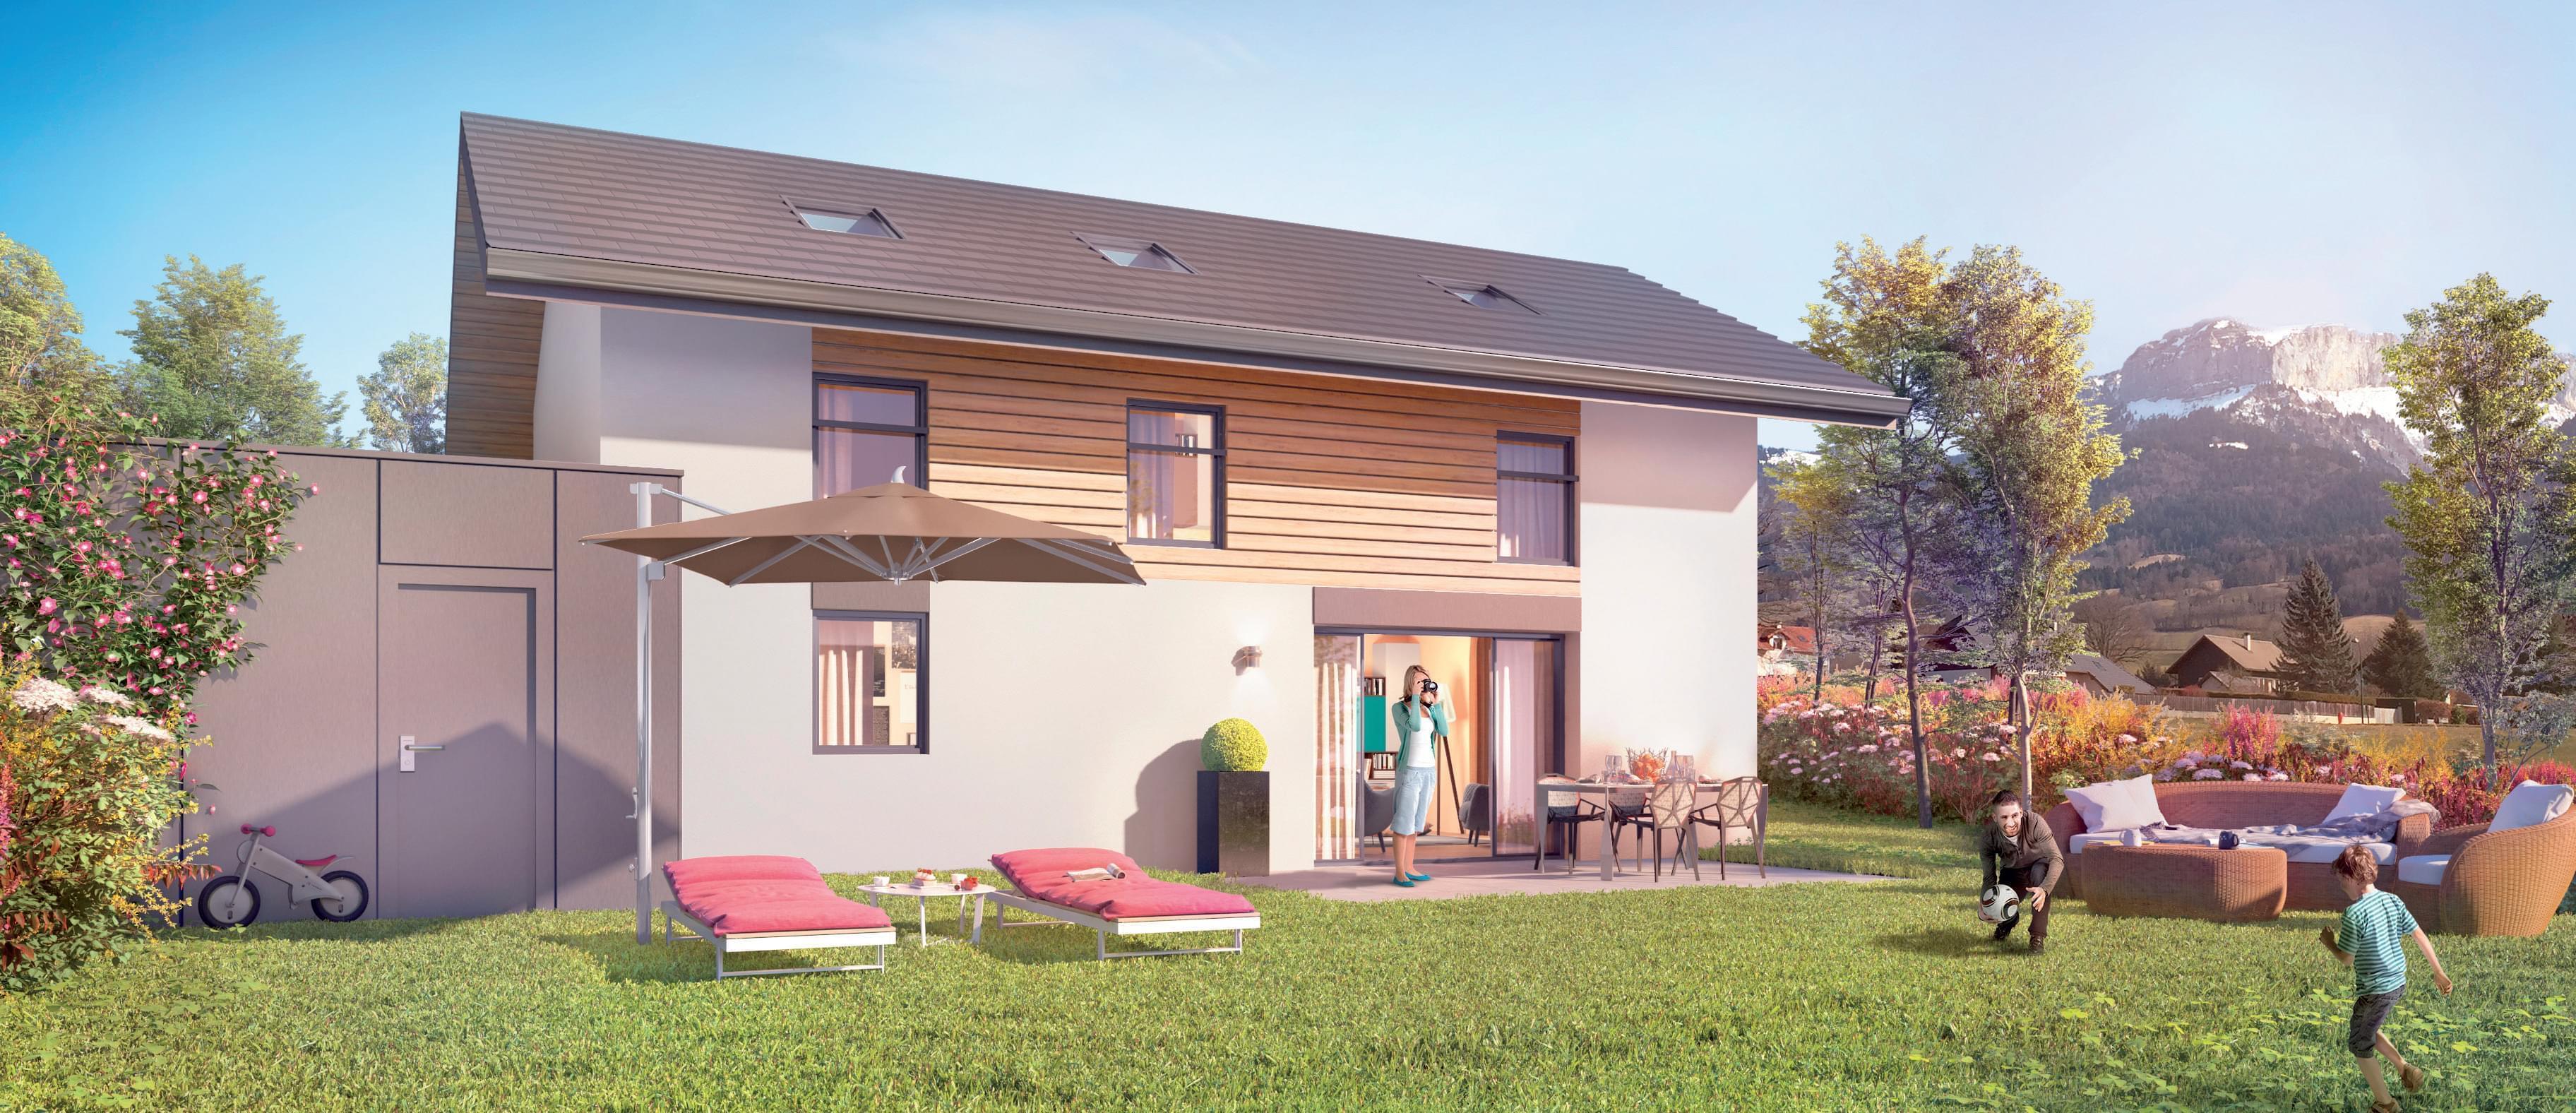 Résidence à Villaz Belles orientations, Très beau programme de maisons, Proche Annecy,